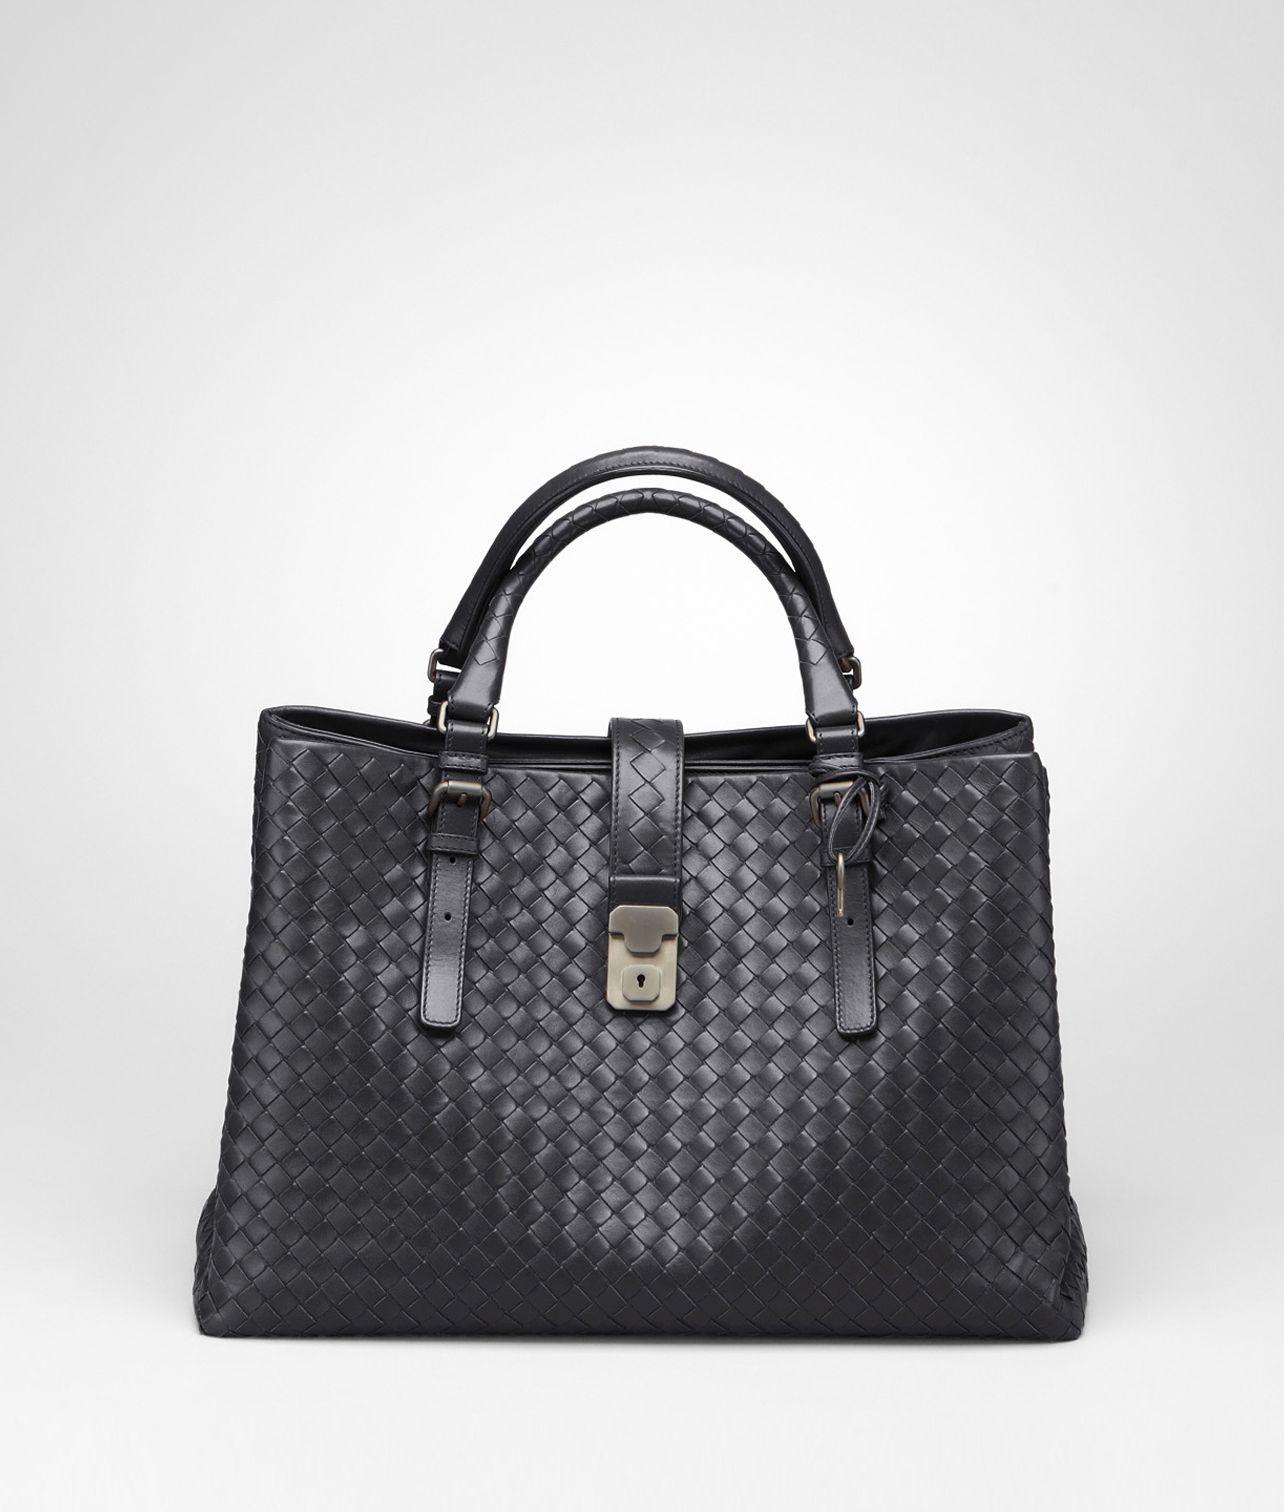 5d26456ce789 ATLANTIC CALF INTRECCIATO ROMA BAG - Women s Bottega Veneta® Top Handle Bag  - Shop at the Official Online Store